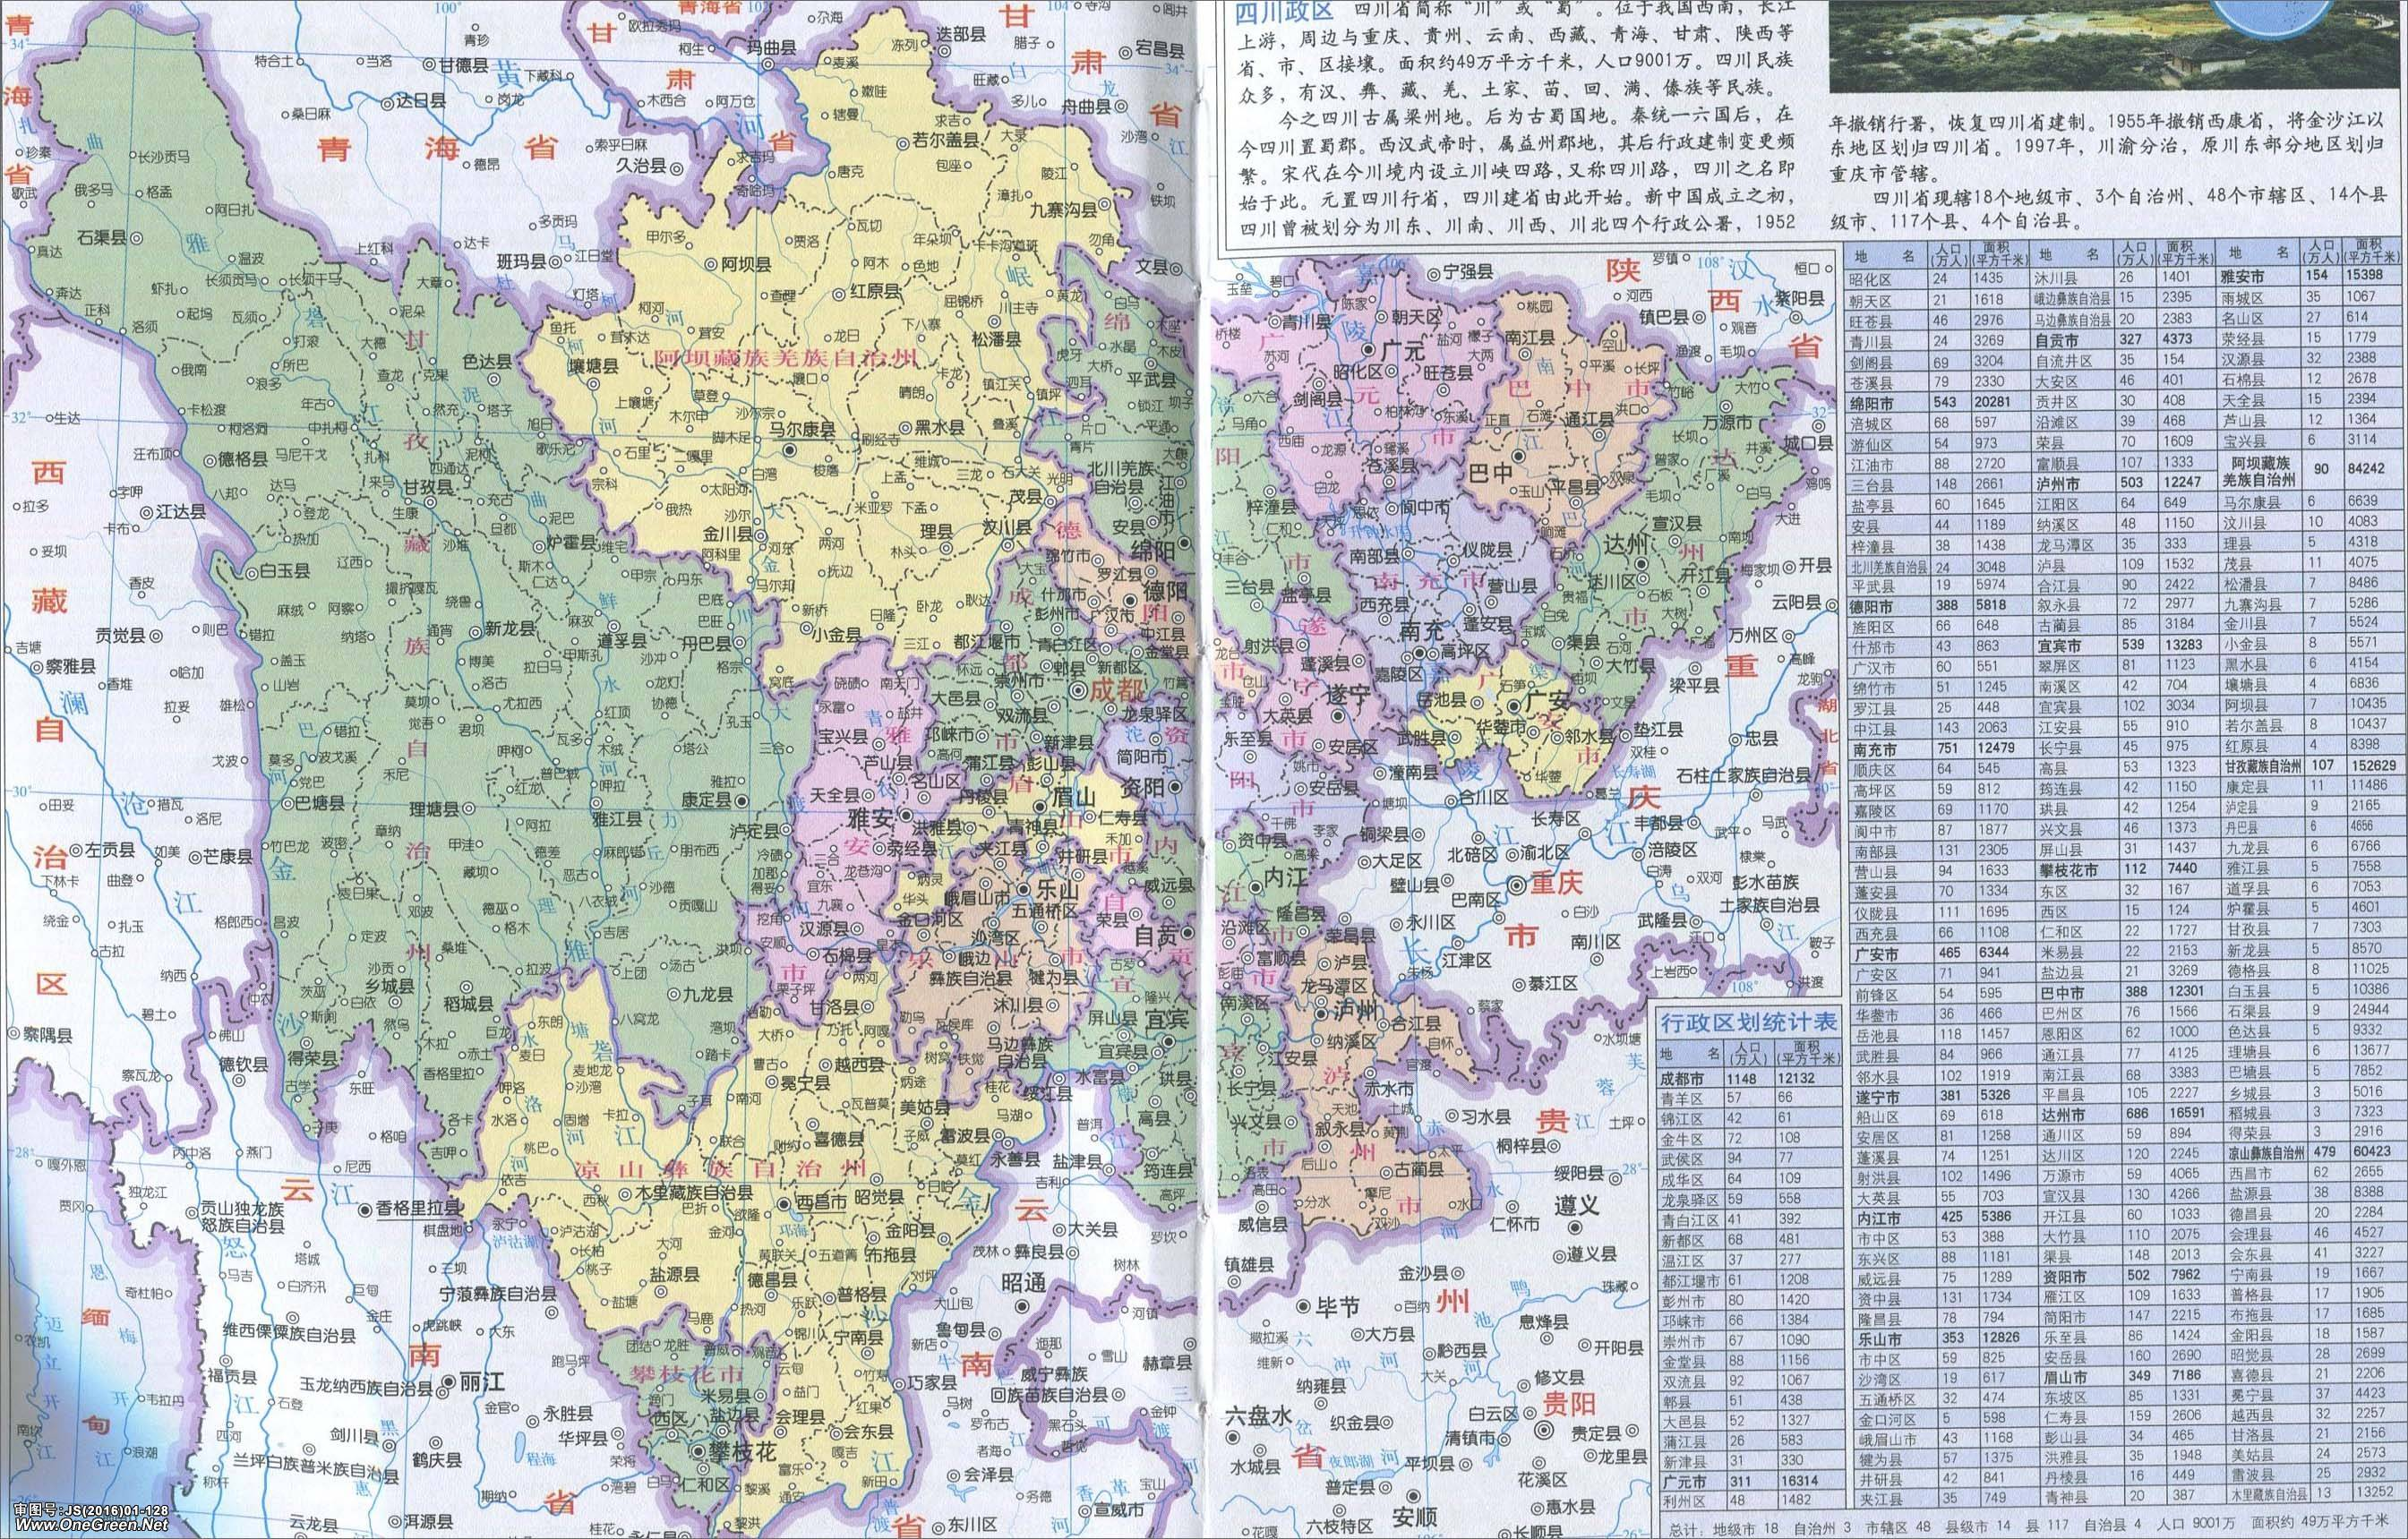 四川省地图高清版